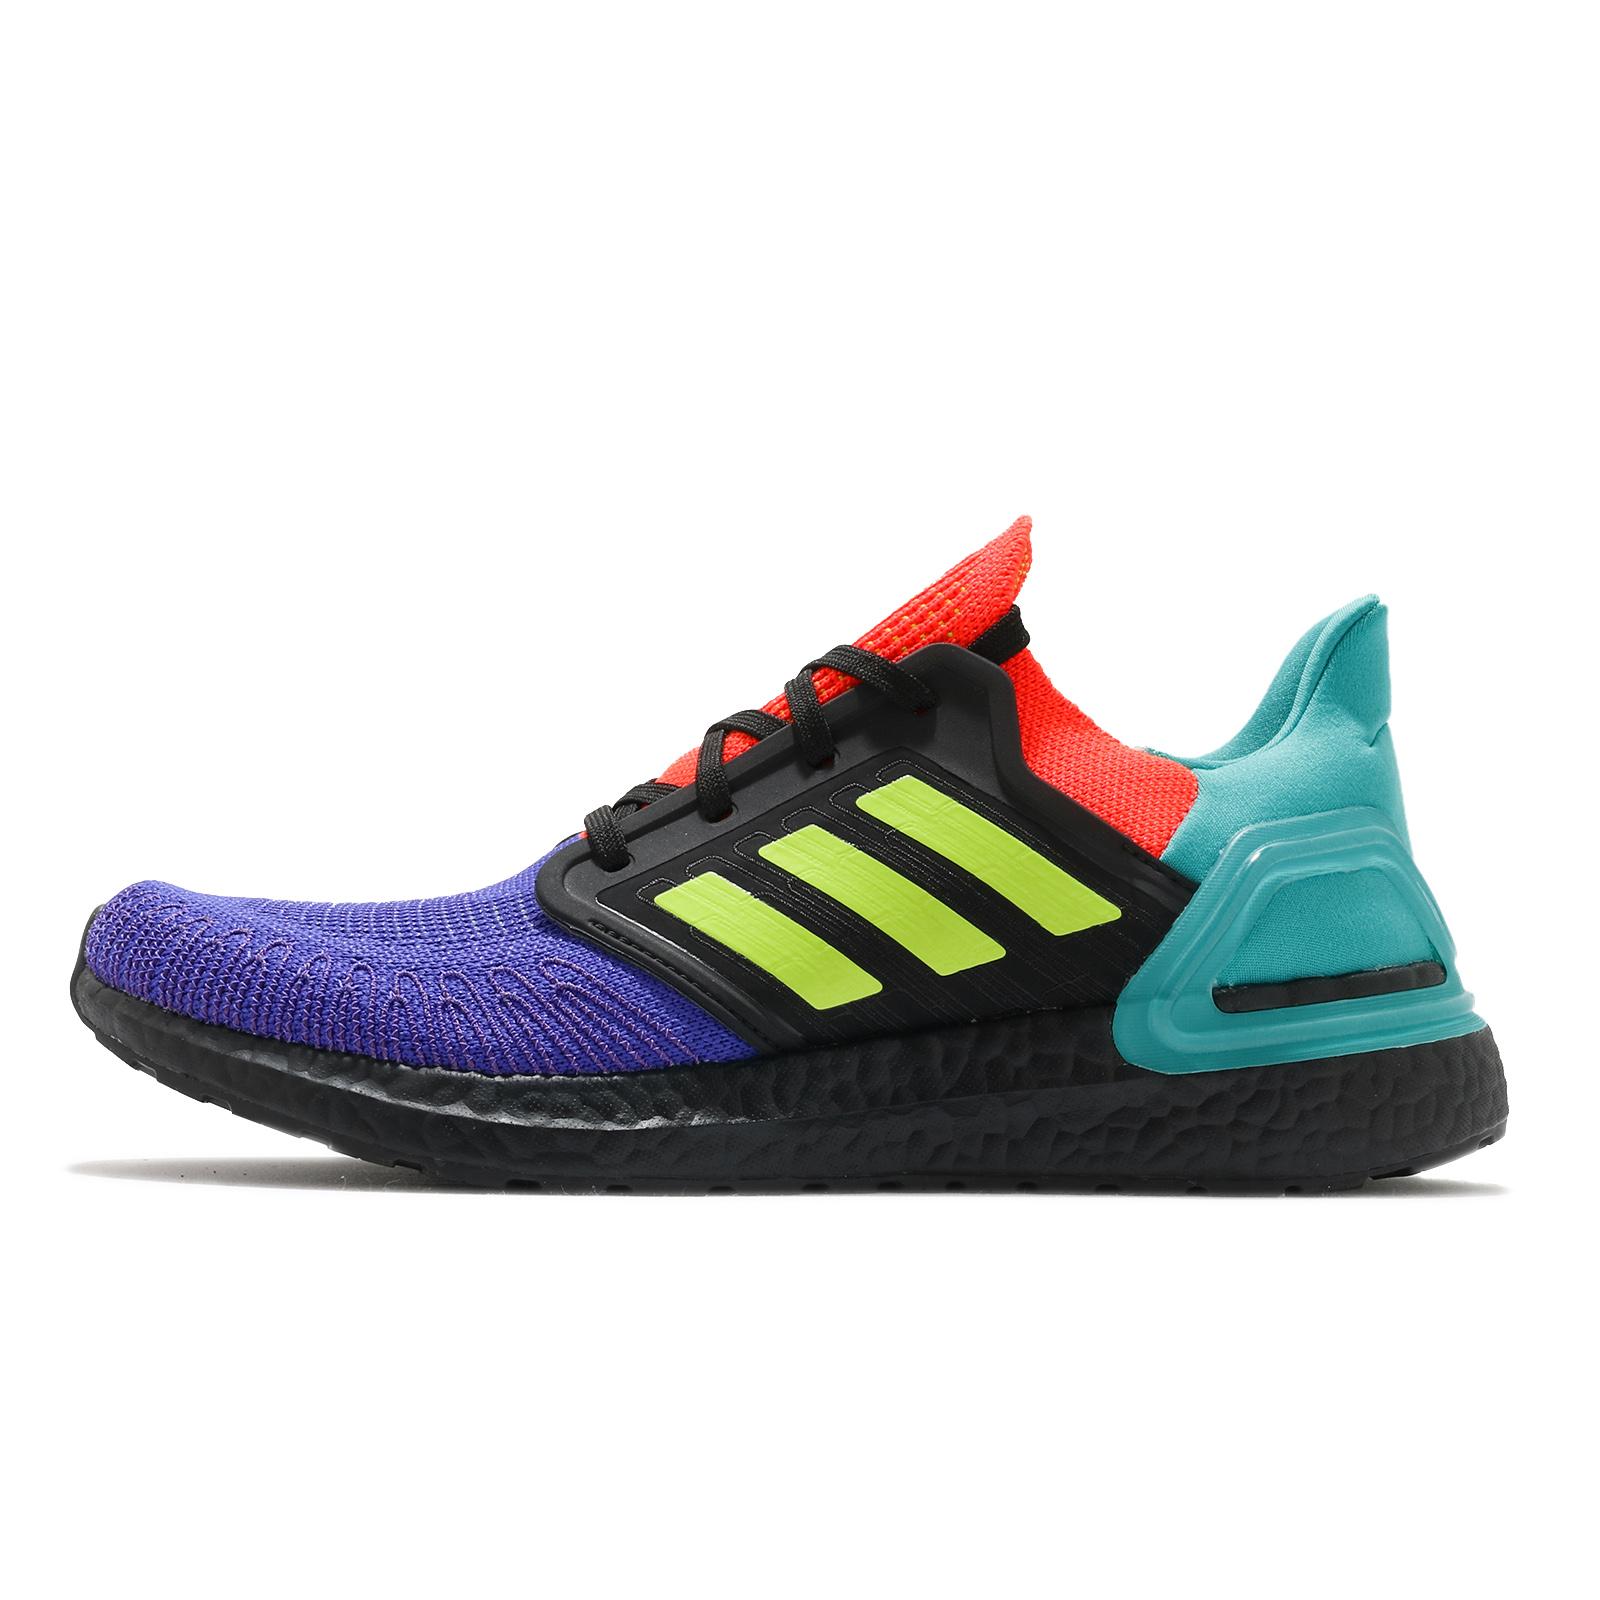 -商品型號:FV8332-商品定價:5990-商品特色:ULTRABOOST 20 跑鞋在各種天氣都能穩定邁步的跑鞋擁抱改變。讓這款 adidas 跑鞋隨行長征,開始嶄新的訓練課表。彈性針織鞋面可完美